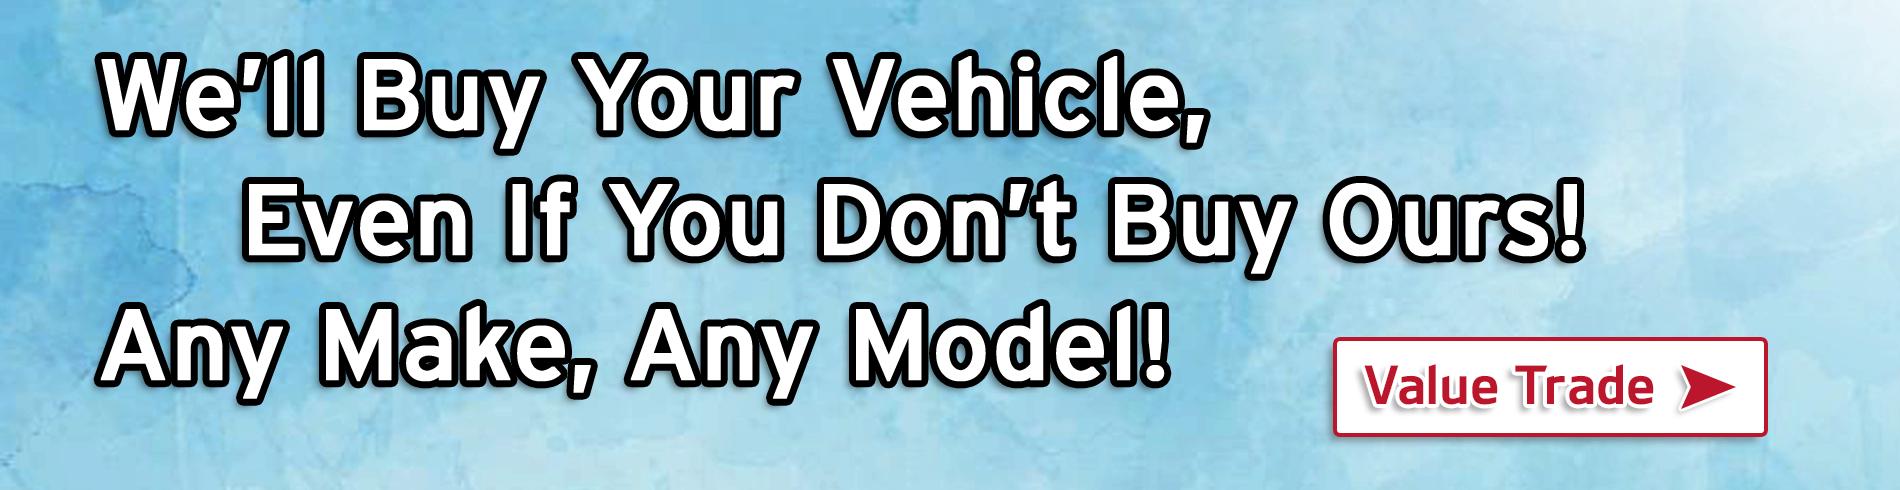 Well Buy Your Vehicle